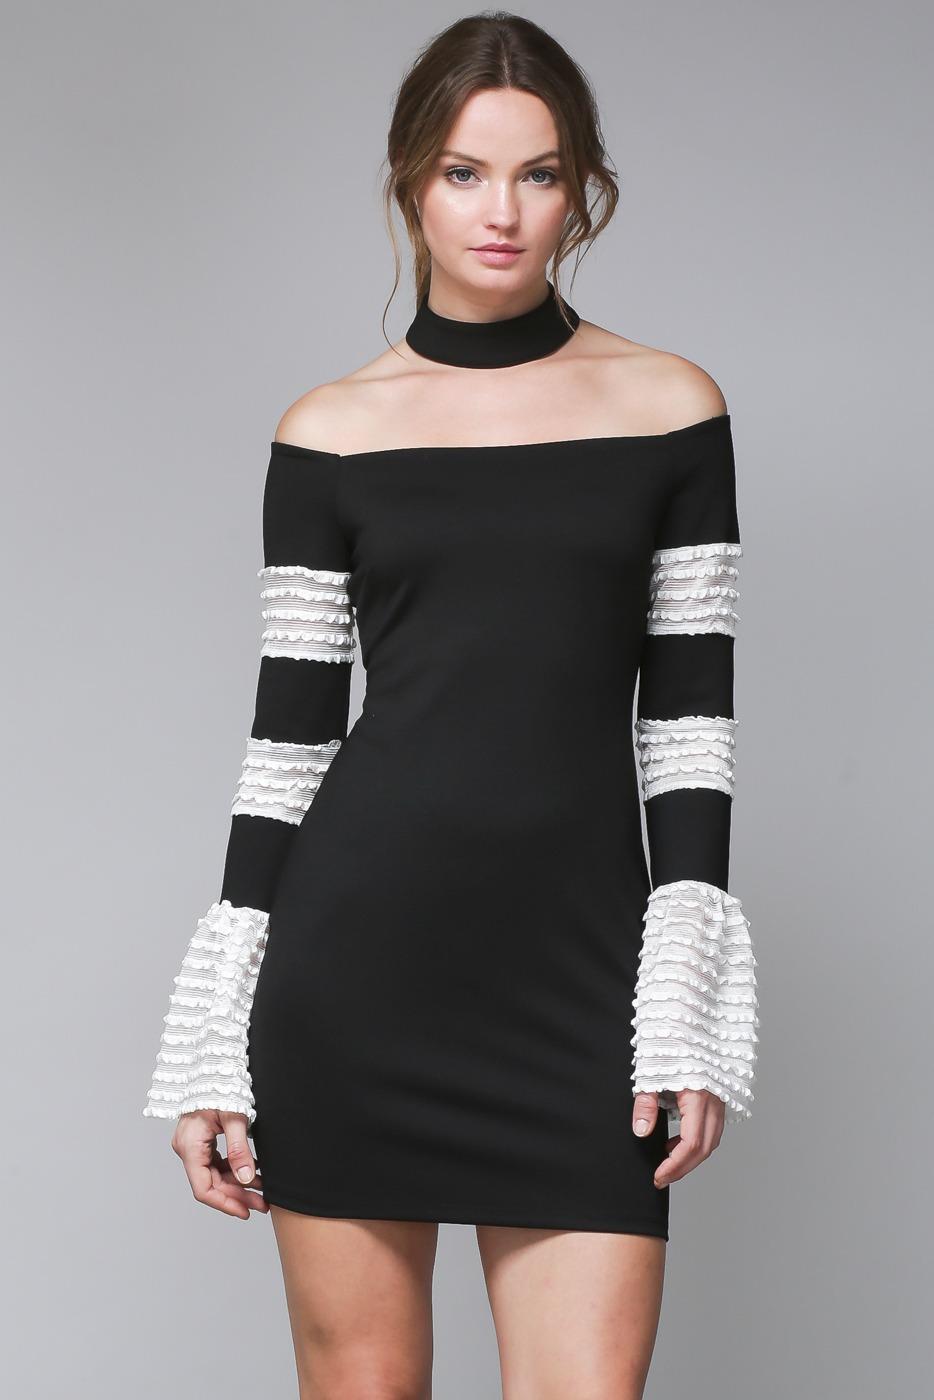 Vestido Negro Corto En Blanco Y Negro